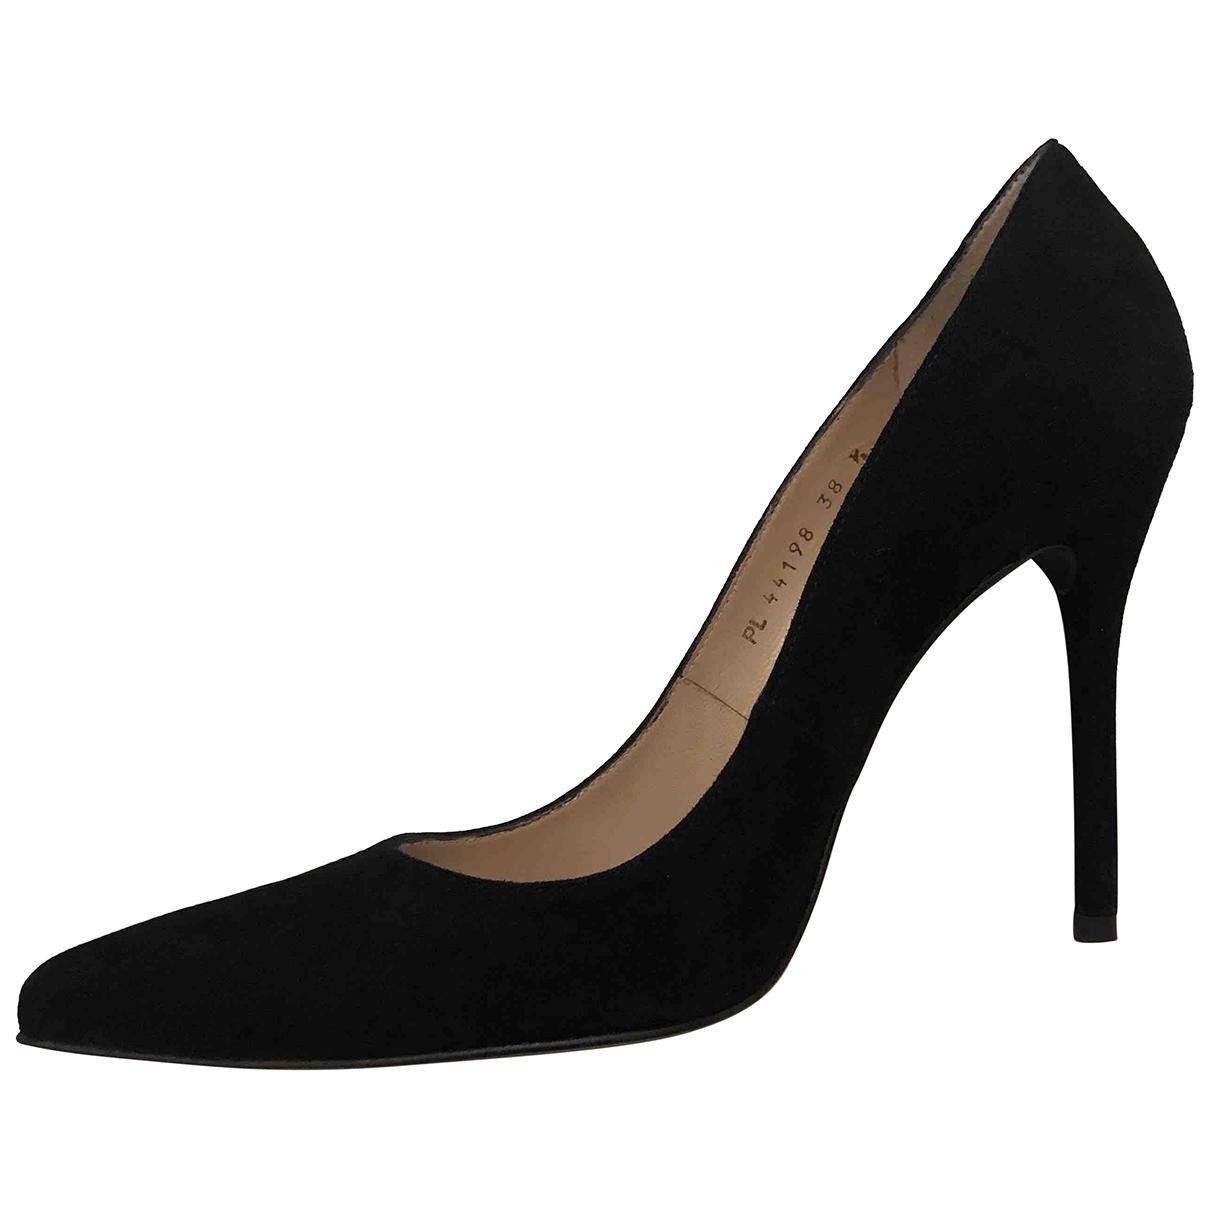 Stuart Weitzman \N Black Suede Heels for Women 38.5 EU